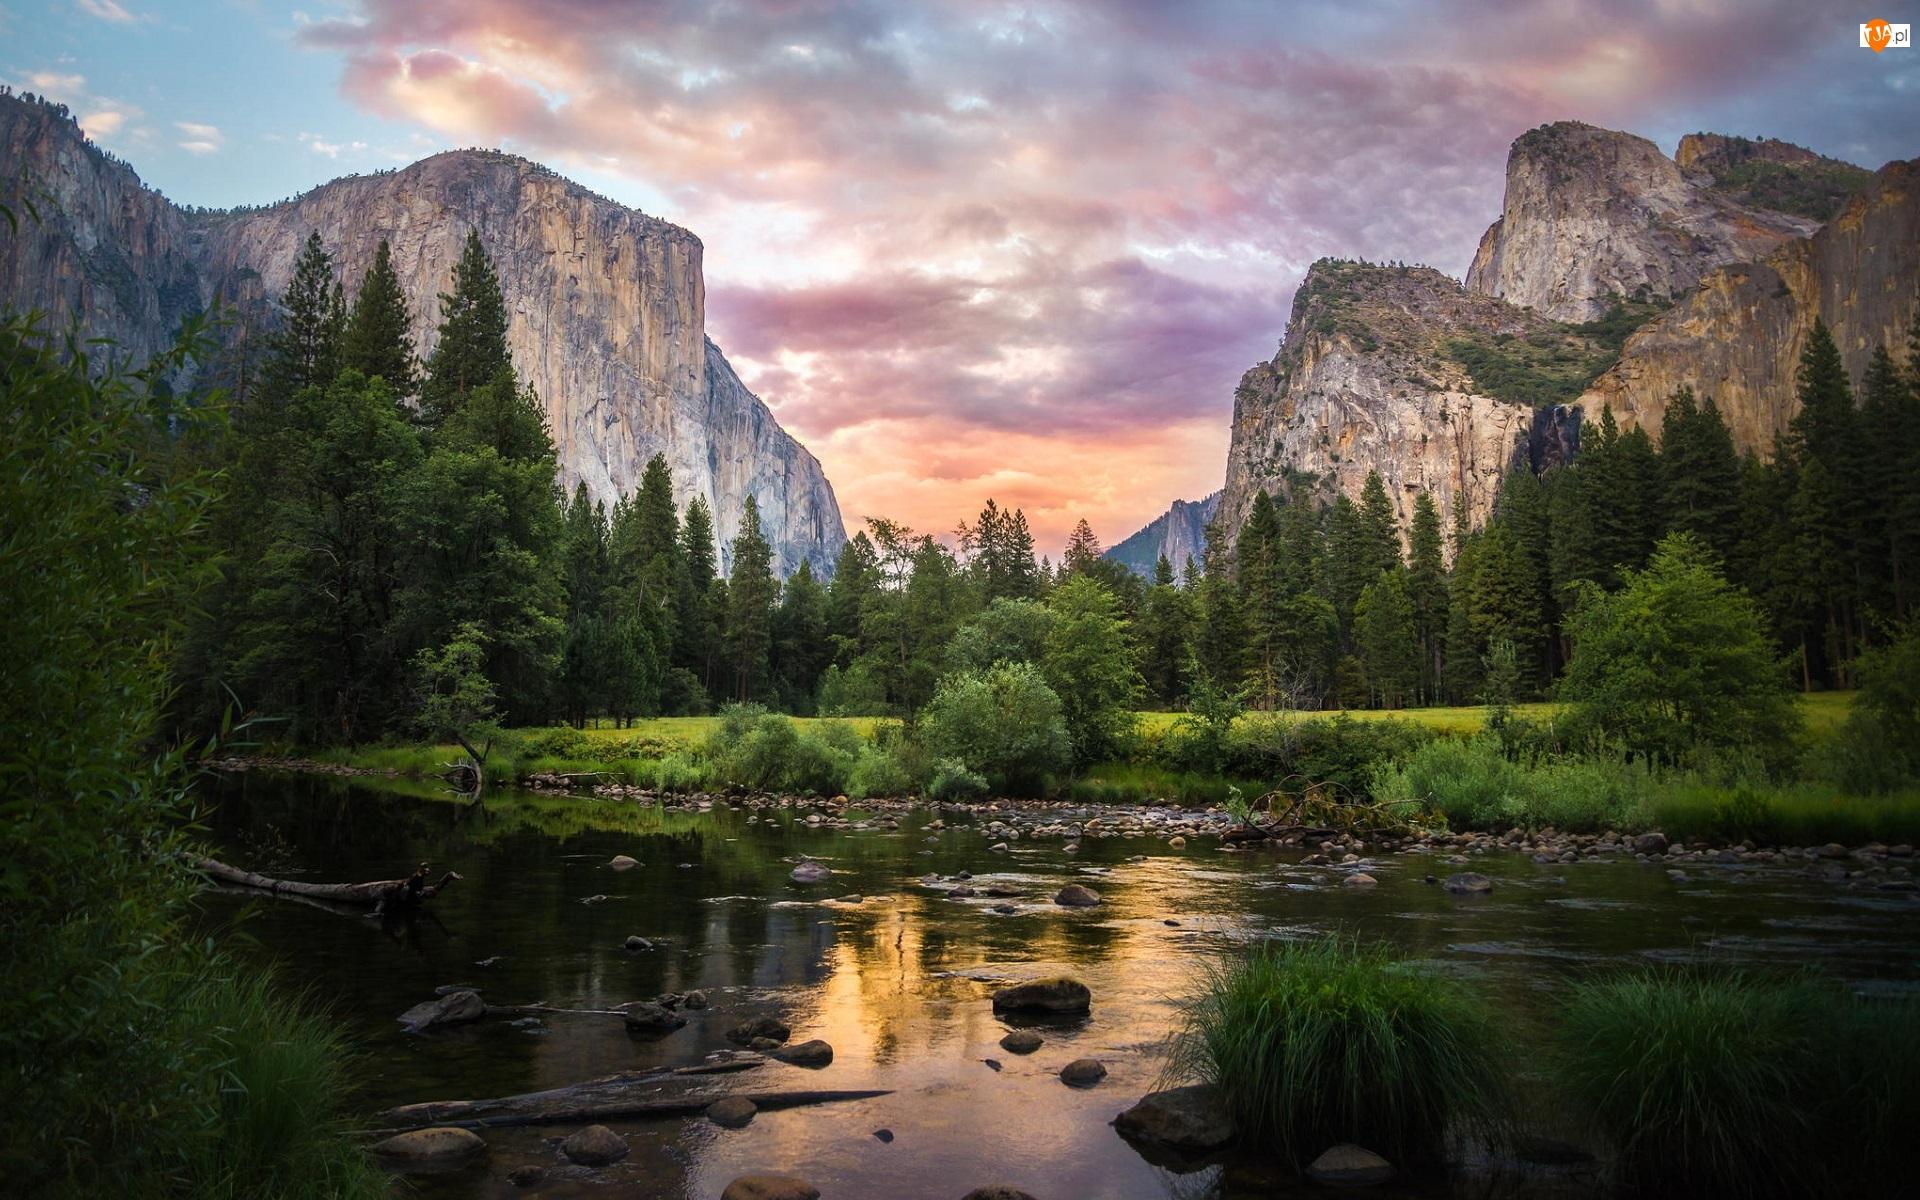 Stan Kalifornia, Park Narodowy Yosemite, Wschód słońca, Stany Zjednoczone, Góry Sierra Nevada, Drzewa, Rzeka Merced